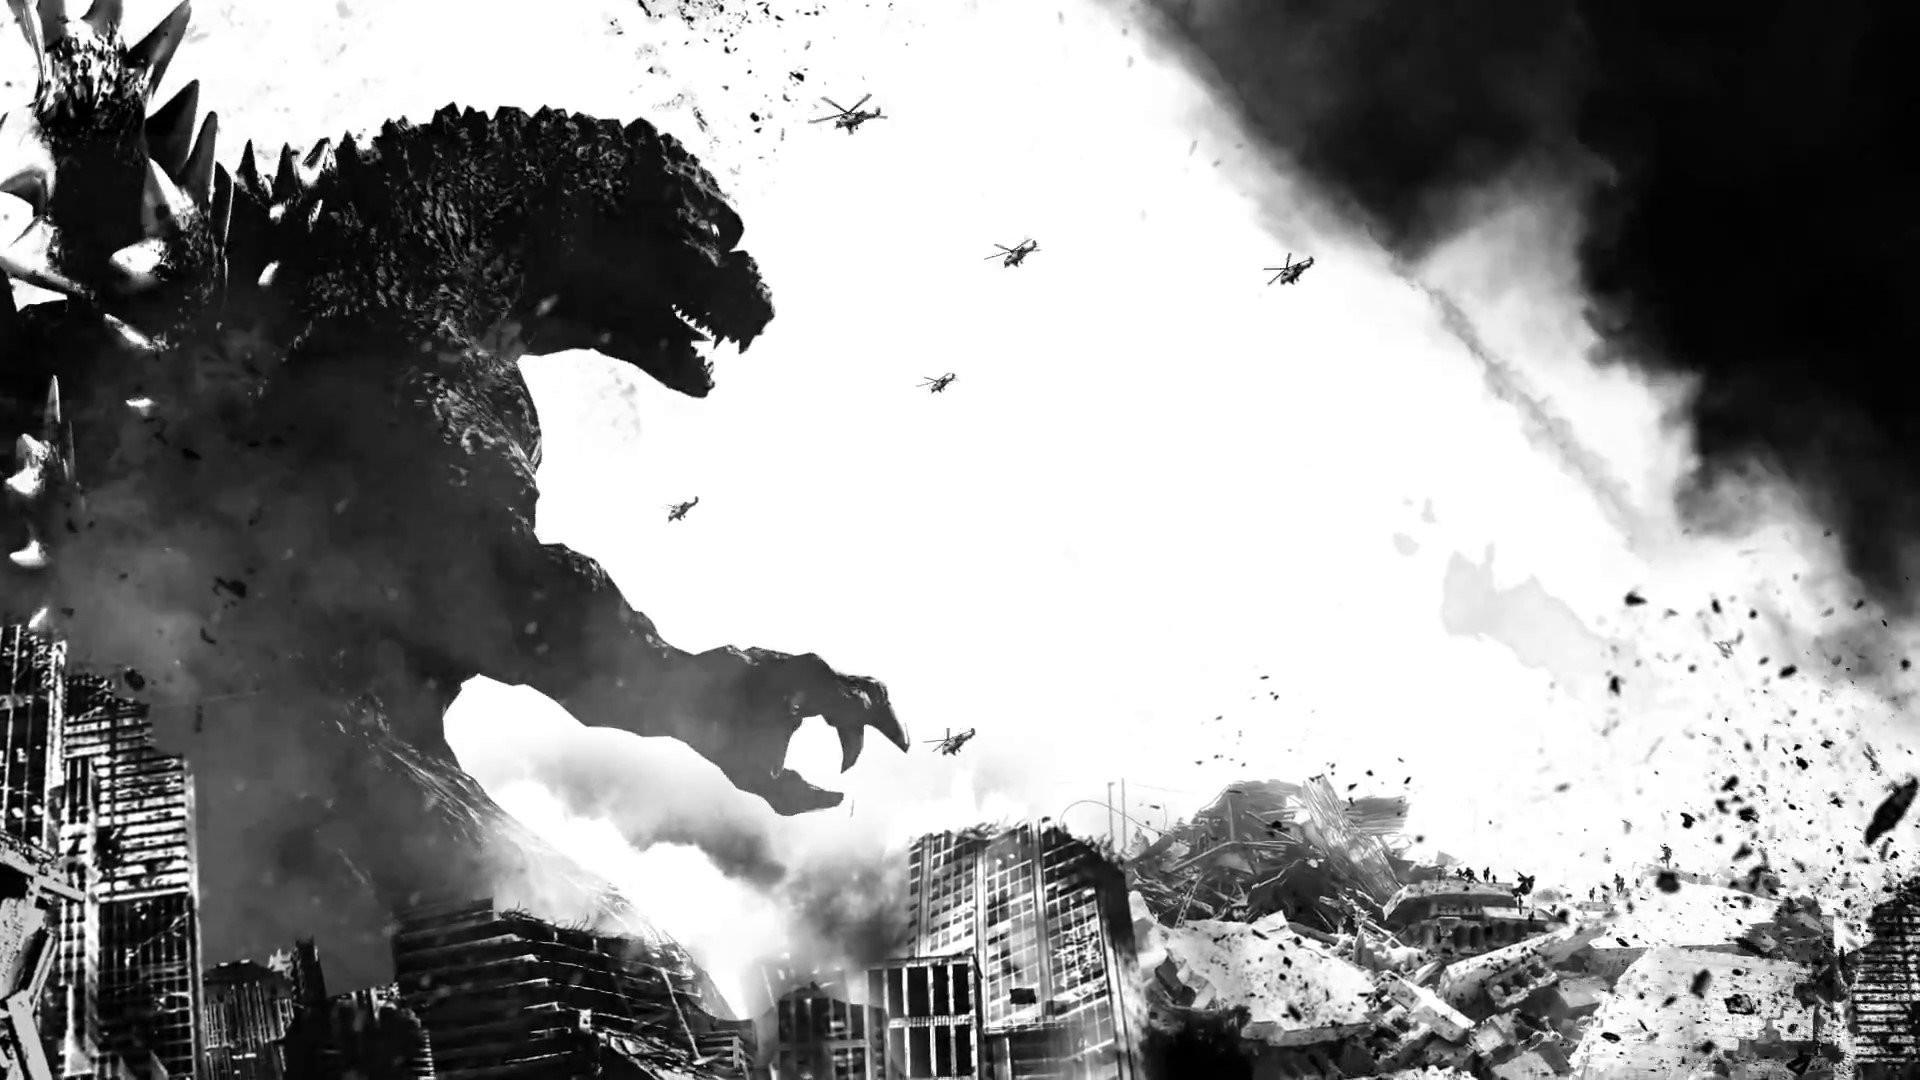 GODZILLA action adventure sci-fi dinosaur monster creature .